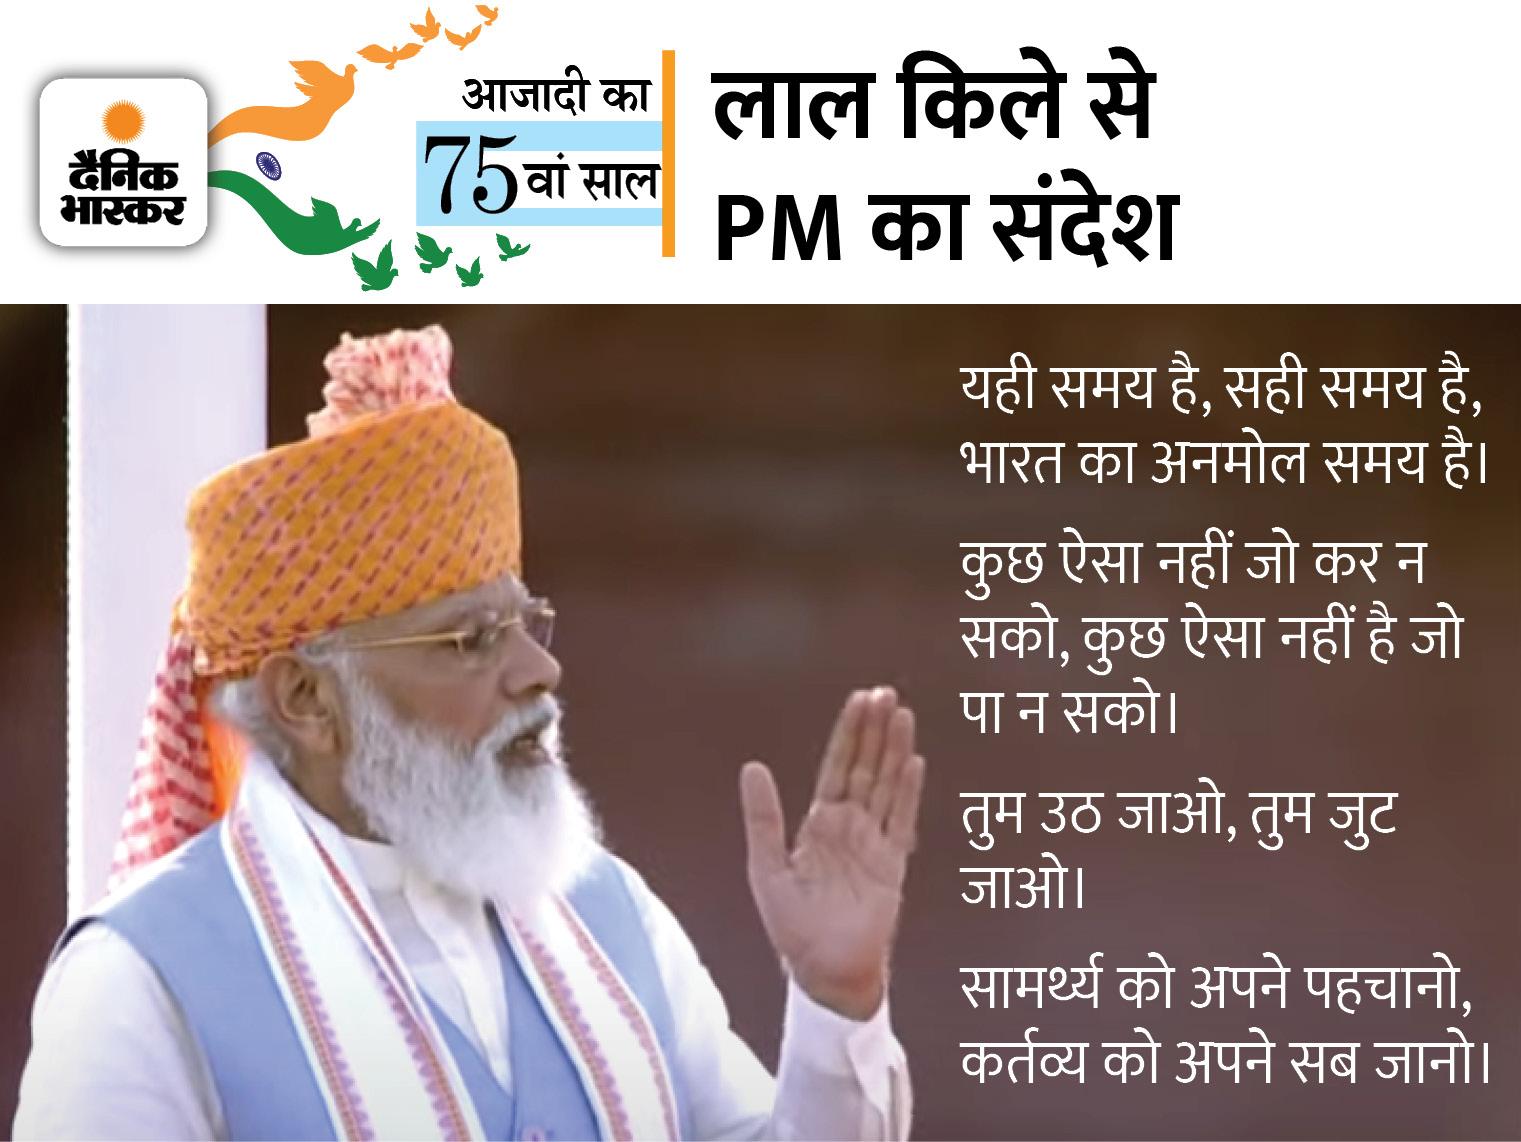 प्रधानमंत्री ने कविता सुनाकर देशवासियों को मोटिवेट किया, बोले- यही समय है, सही समय है...भारत का अनमोल समय है|देश,National - Dainik Bhaskar